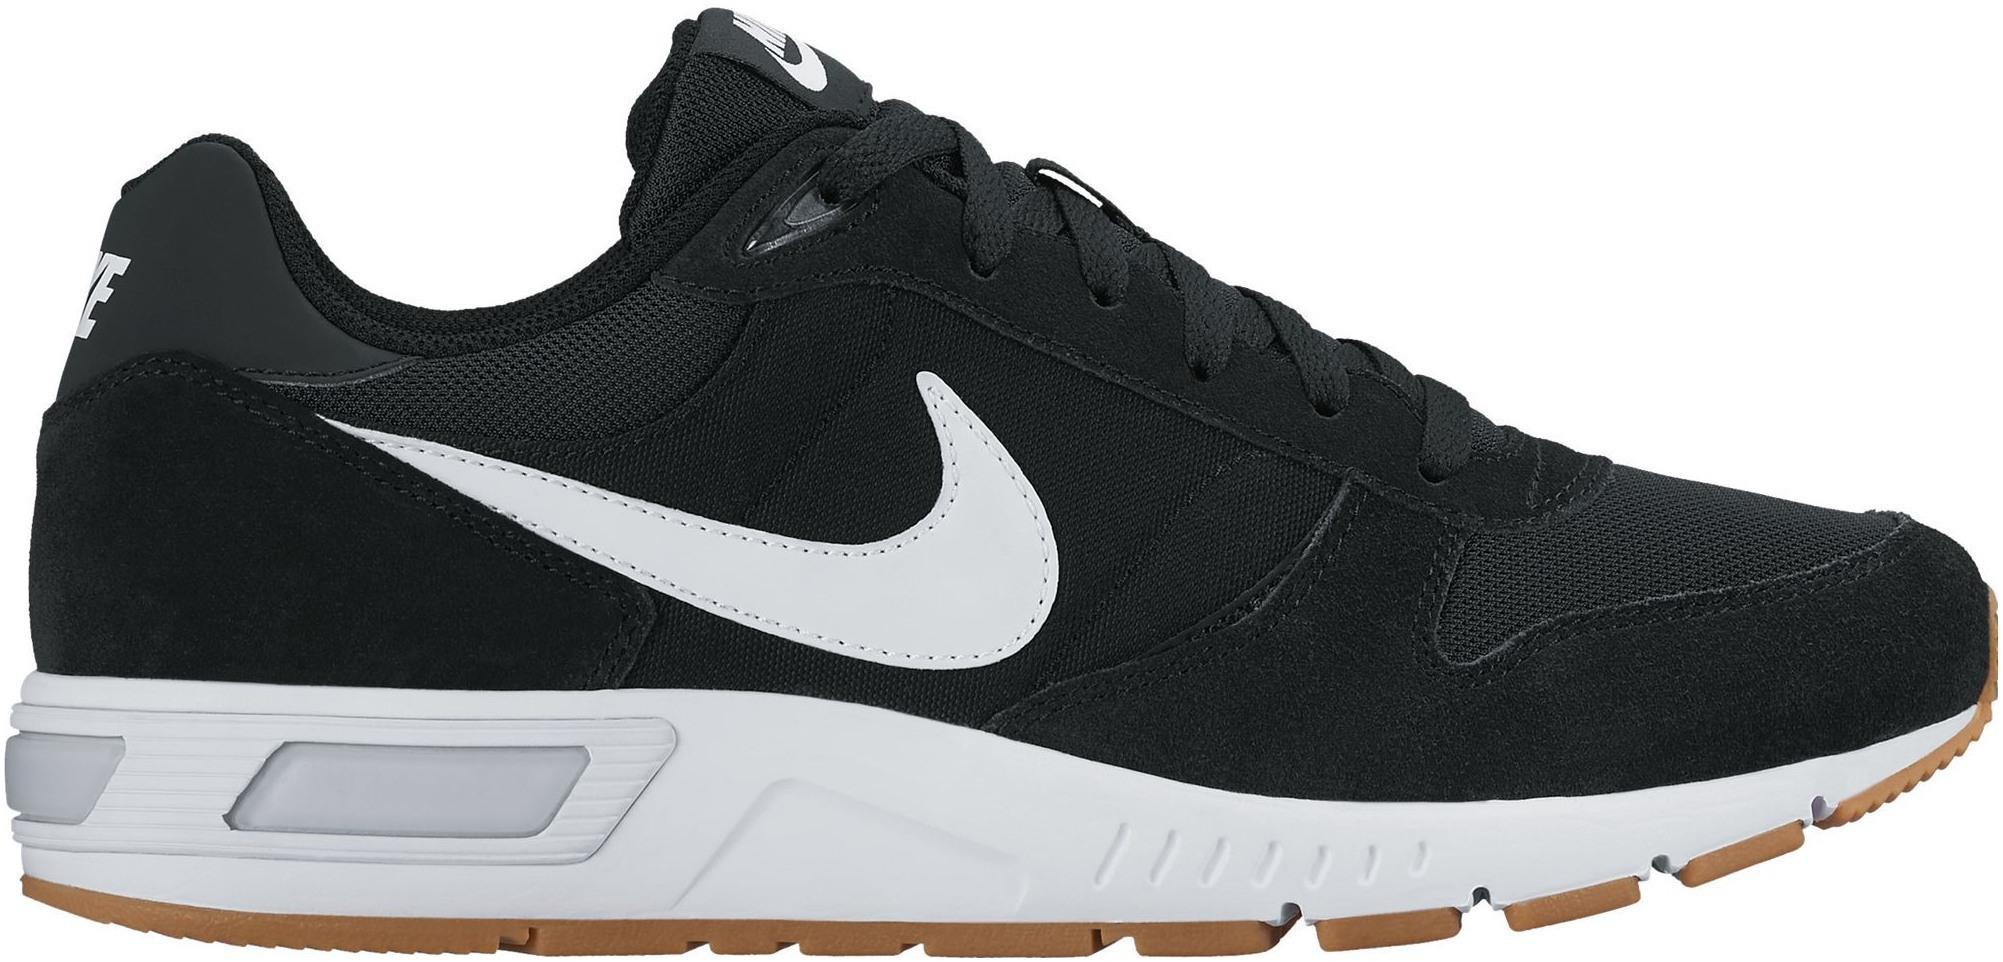 Pánské tenisky Nike NIGHTGAZER černé  661df1cefd